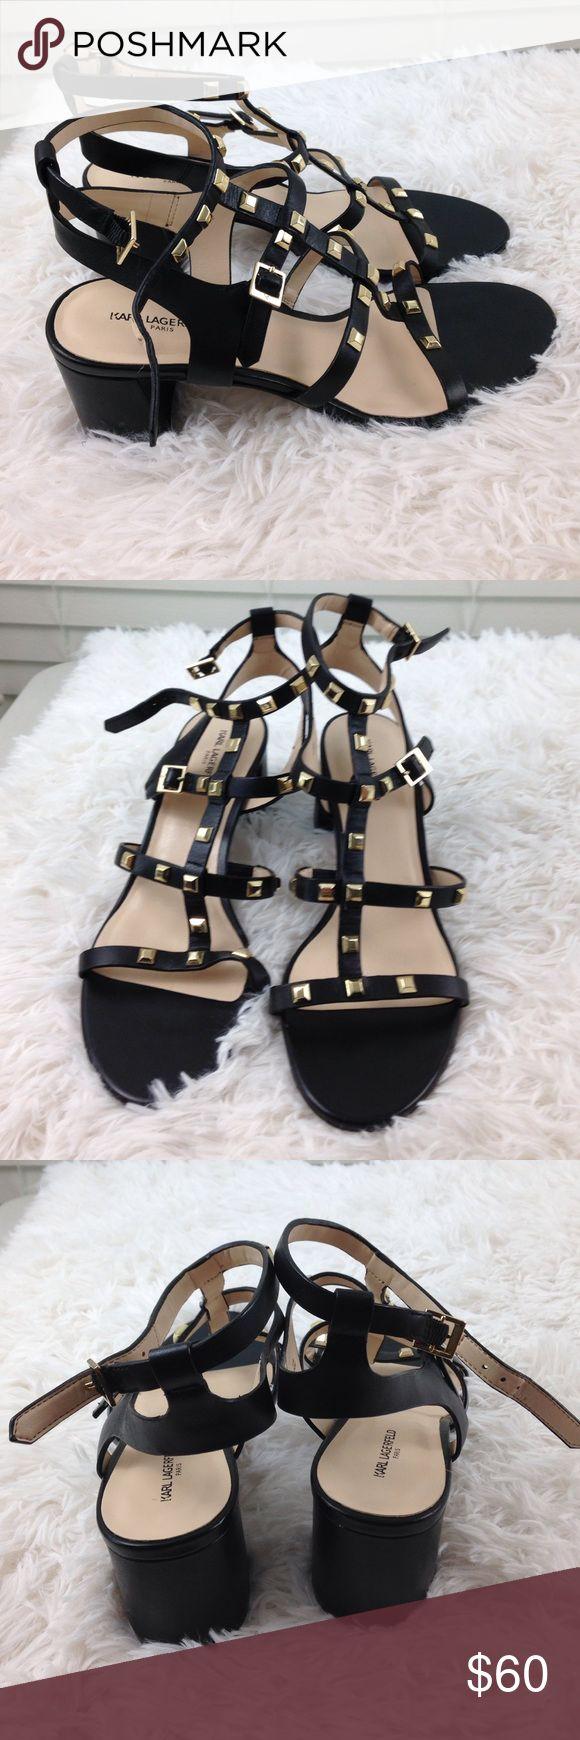 NEW Karl Lagerfeld Paris heels NEW Karl Lagerfeld Paris heels never worn, black leather, gold studs.   A3 Karl Lagerfeld Shoes Heels